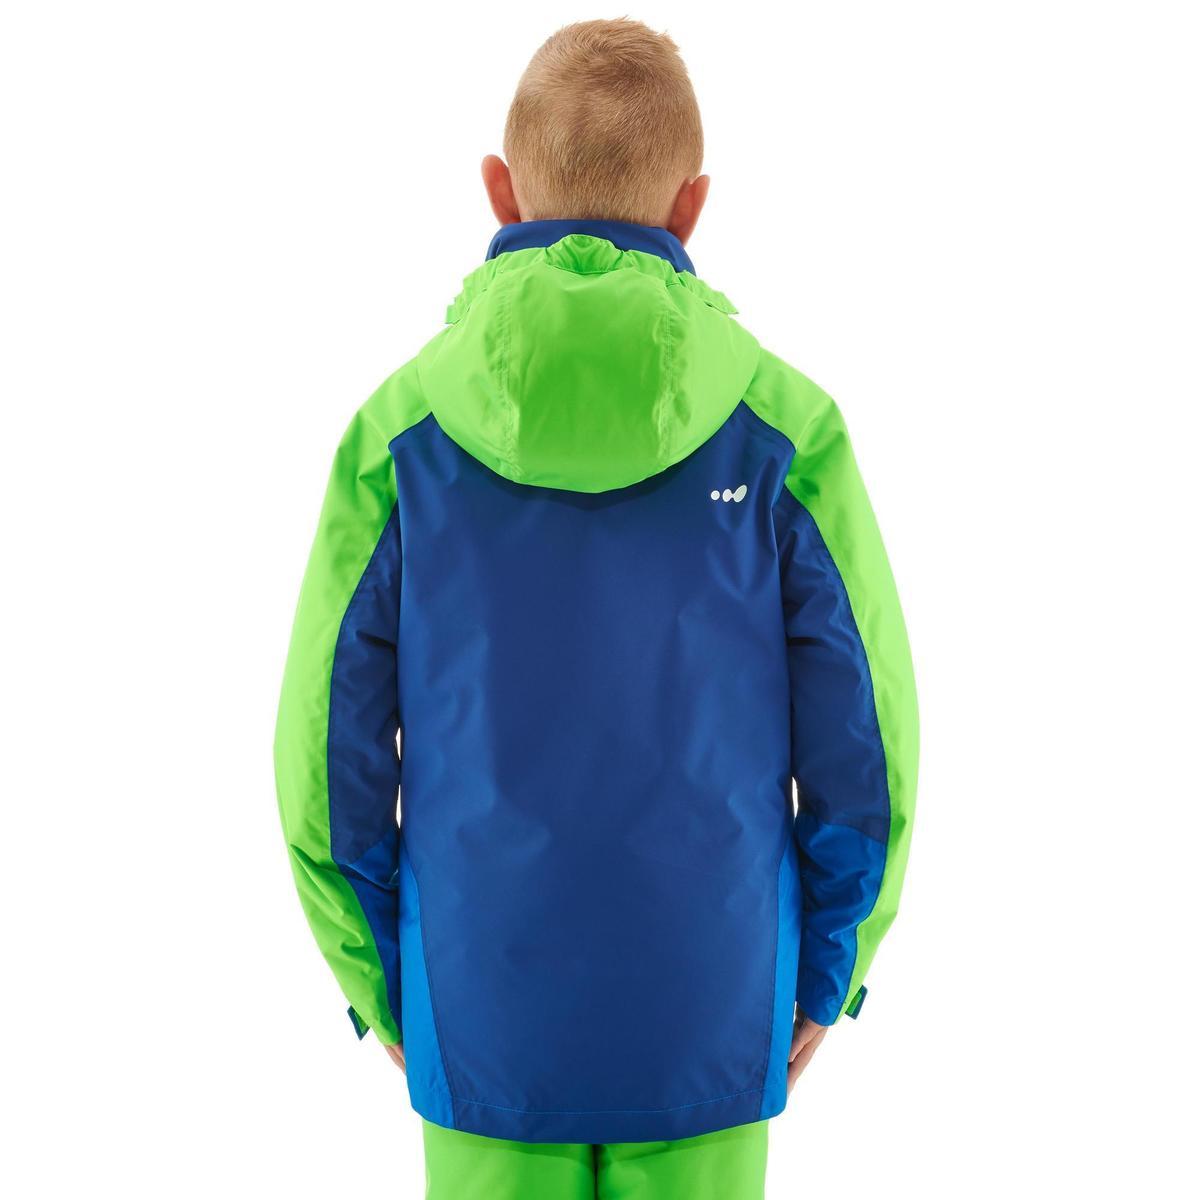 Bild 4 von Skijacke 580 Kinder blau/grün